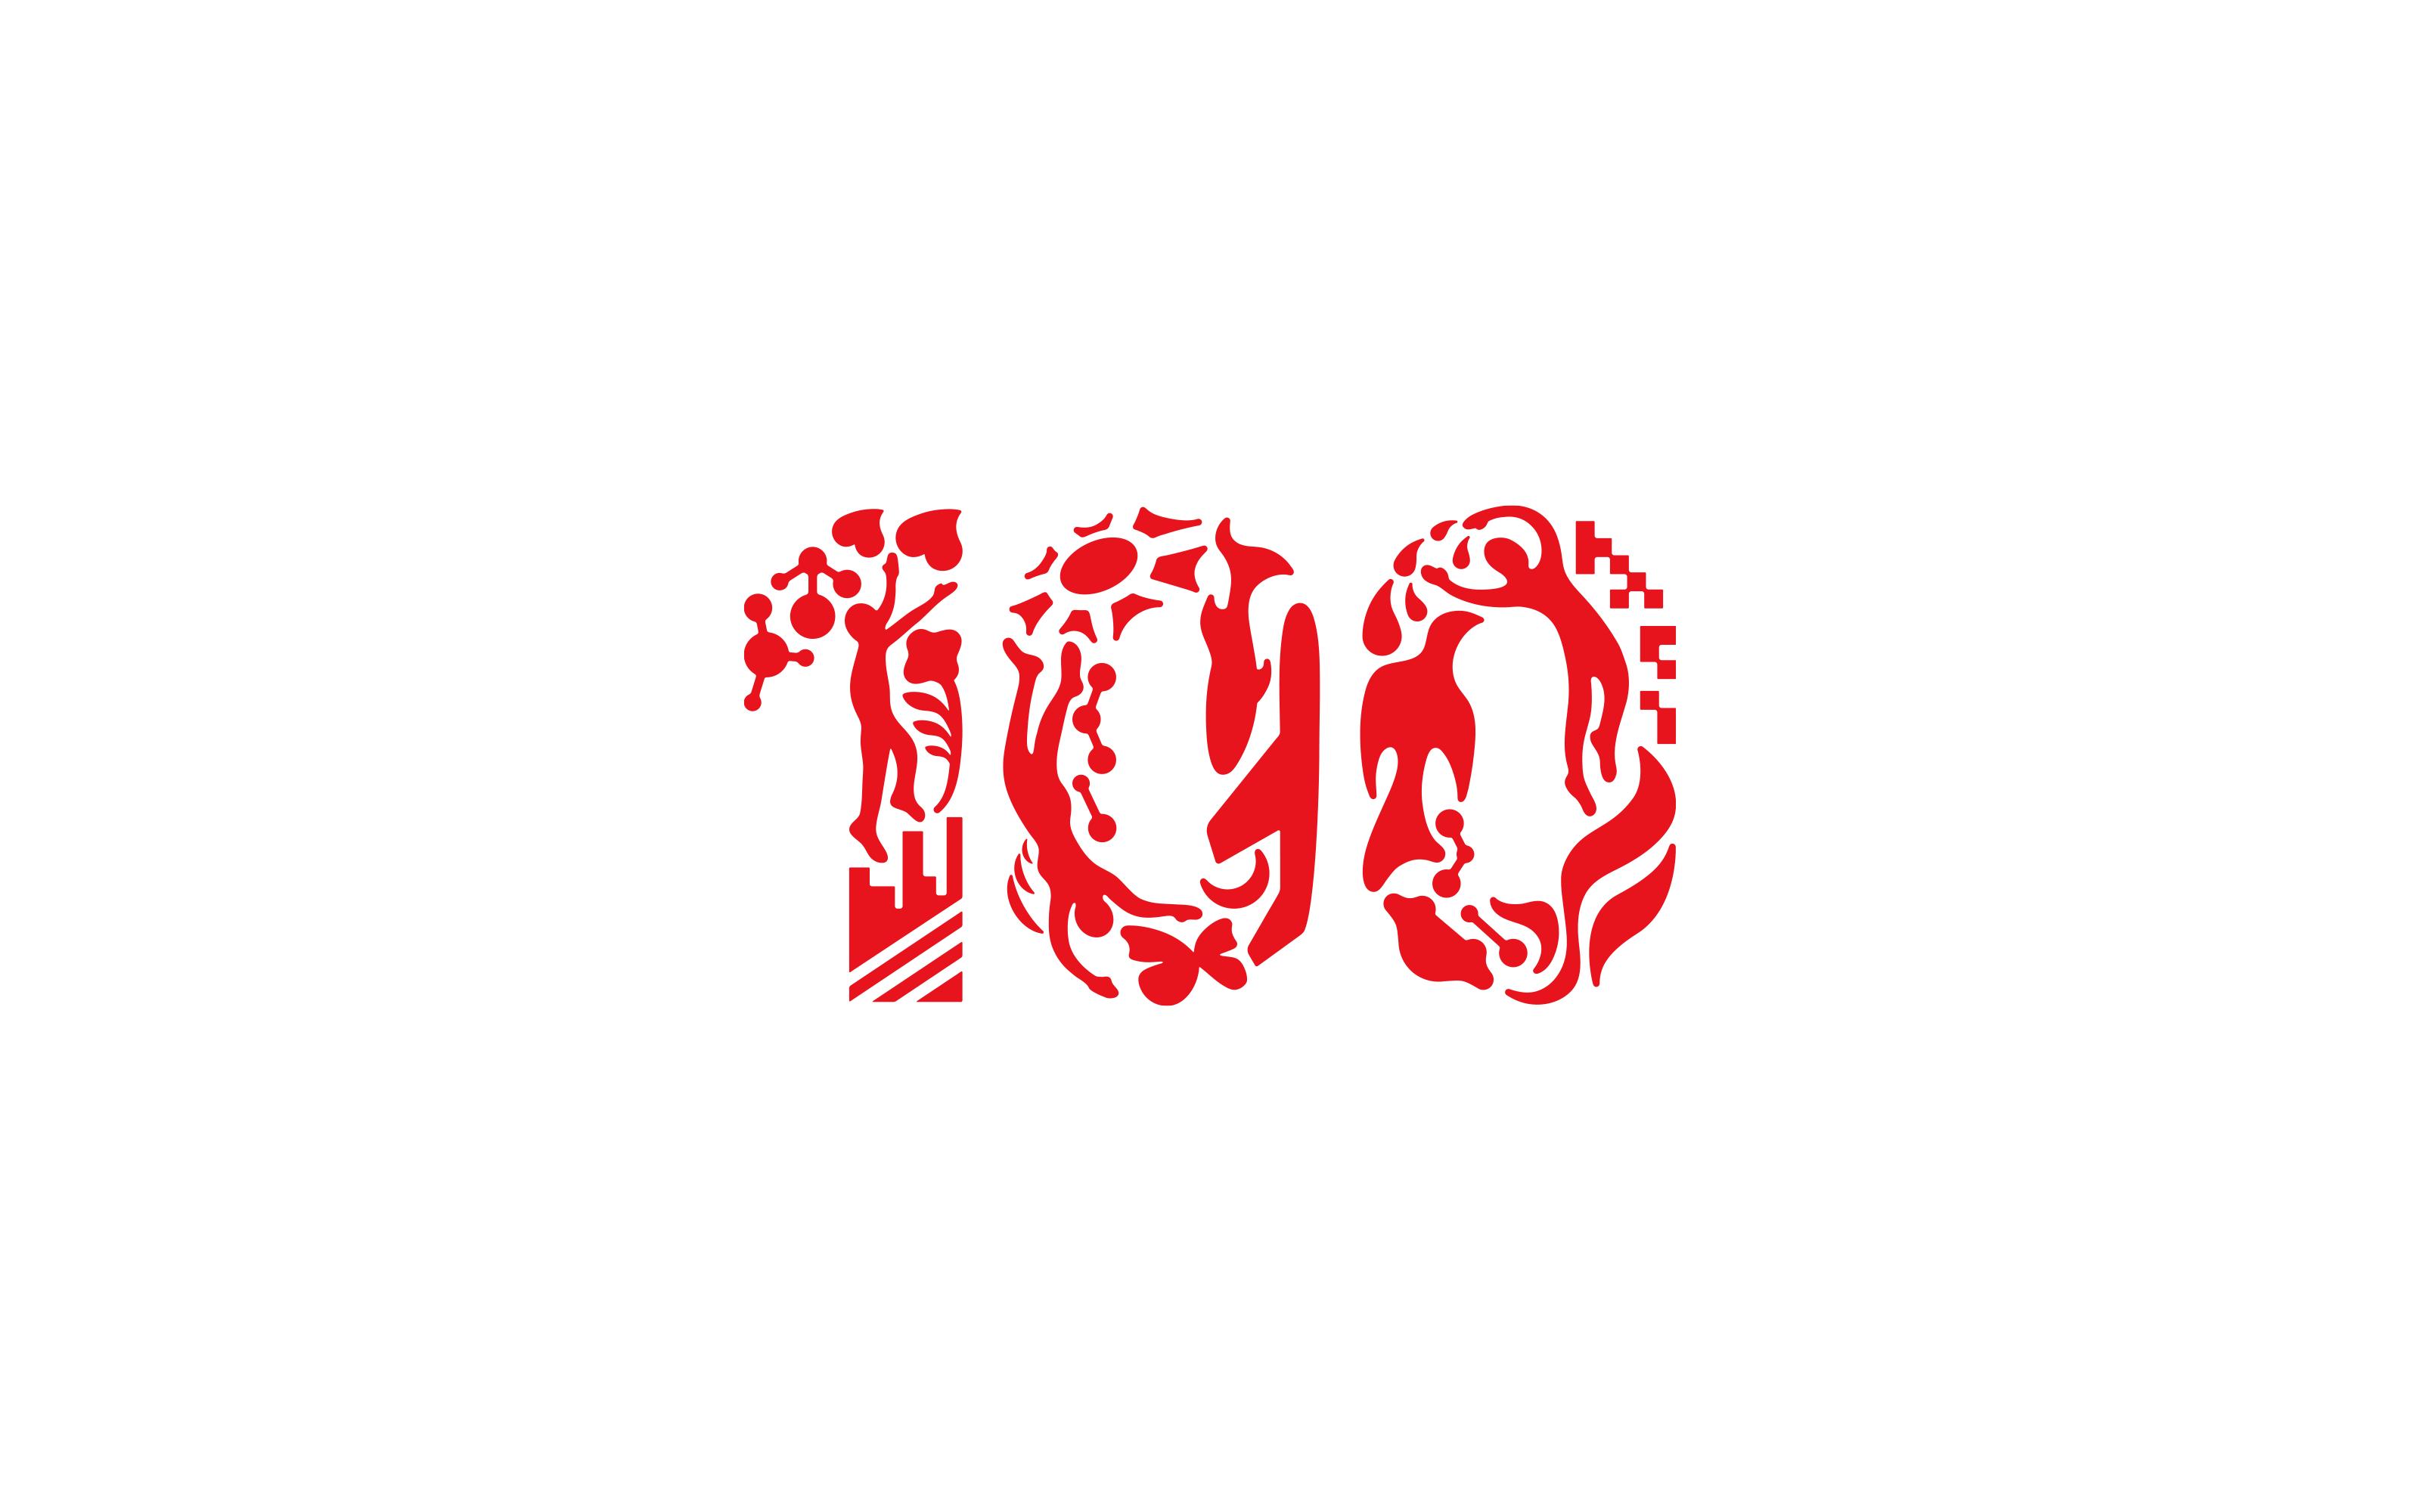 detail01